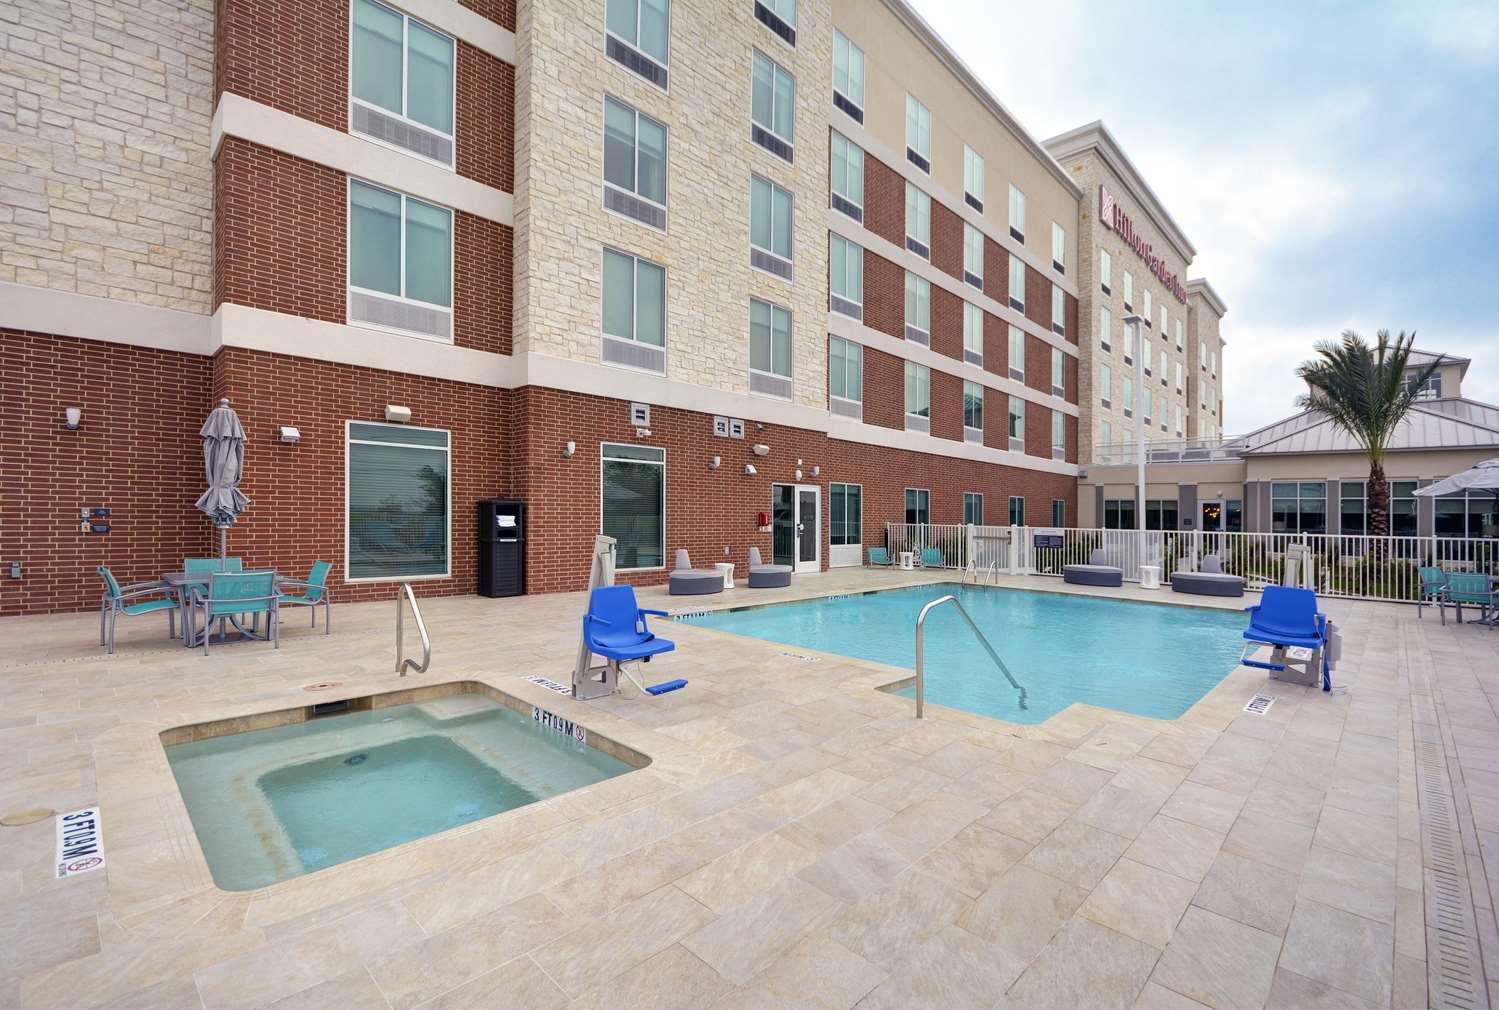 Pool - Hilton Garden Inn Hobby Airport Houston